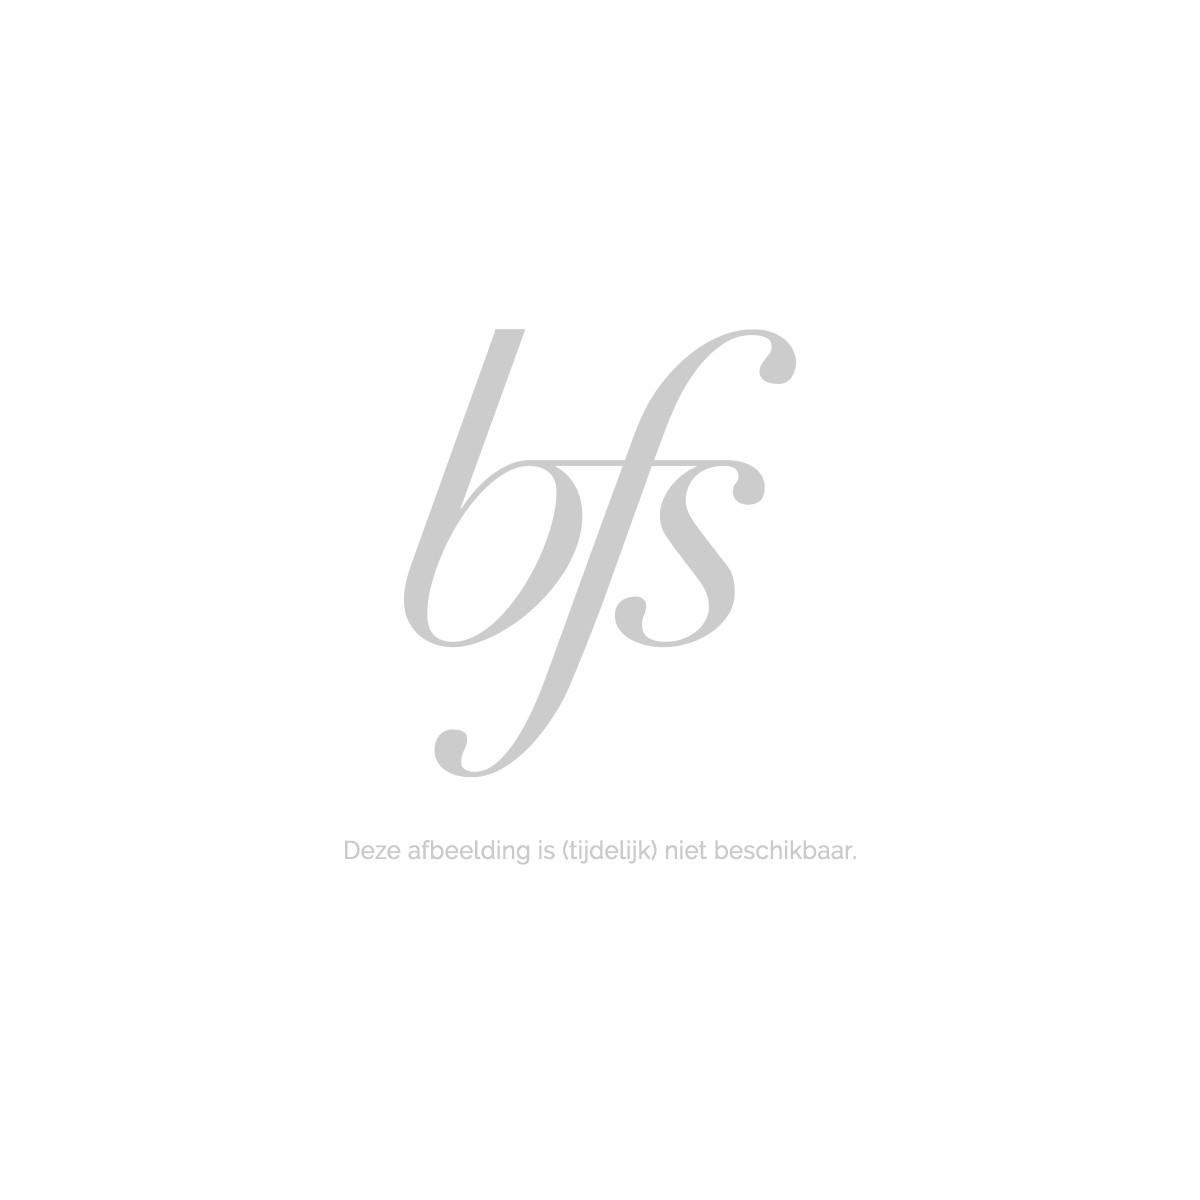 Estee Lauder Double Wear Stay In Place Makeup SPF10 #4N1 Shell Beige 30 ml